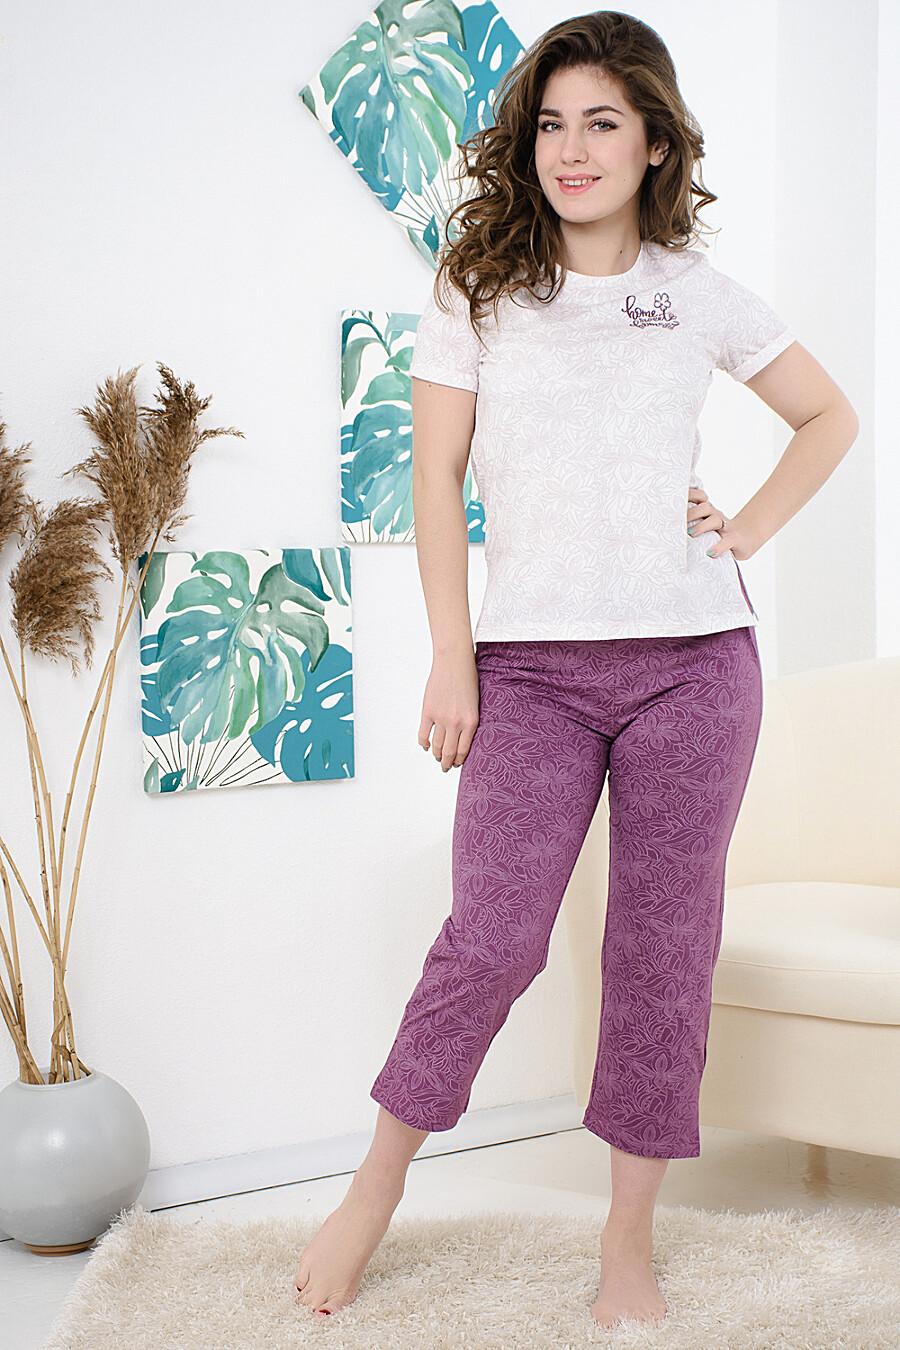 Пижама 24404 для женщин НАТАЛИ 288638 купить оптом от производителя. Совместная покупка женской одежды в OptMoyo